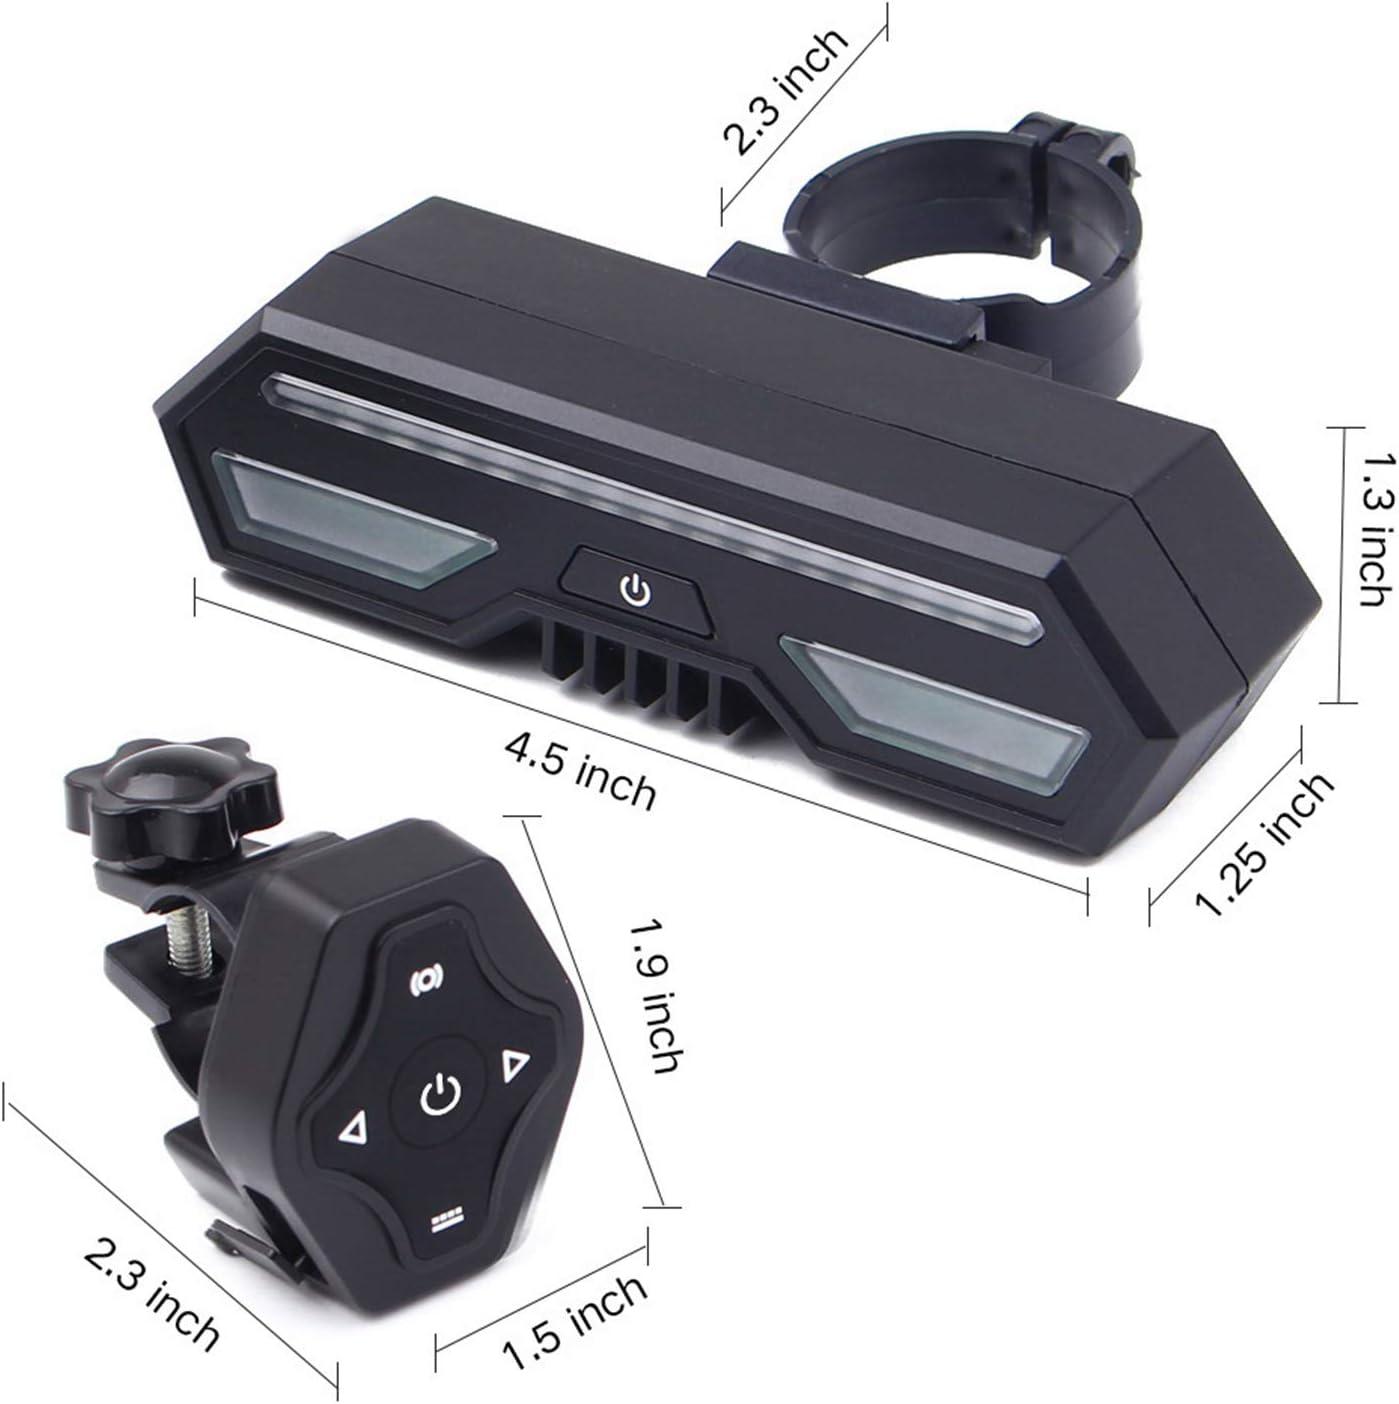 LED /étanche IP66 Lumi/ère pour VTT V/élo de Route Zeroall Feu Arri/ère de V/élo Intelligents USB Rechargeable Induction de Freinage Eclairage Arri/ère de V/élo avec 4 Modes D/éclairage